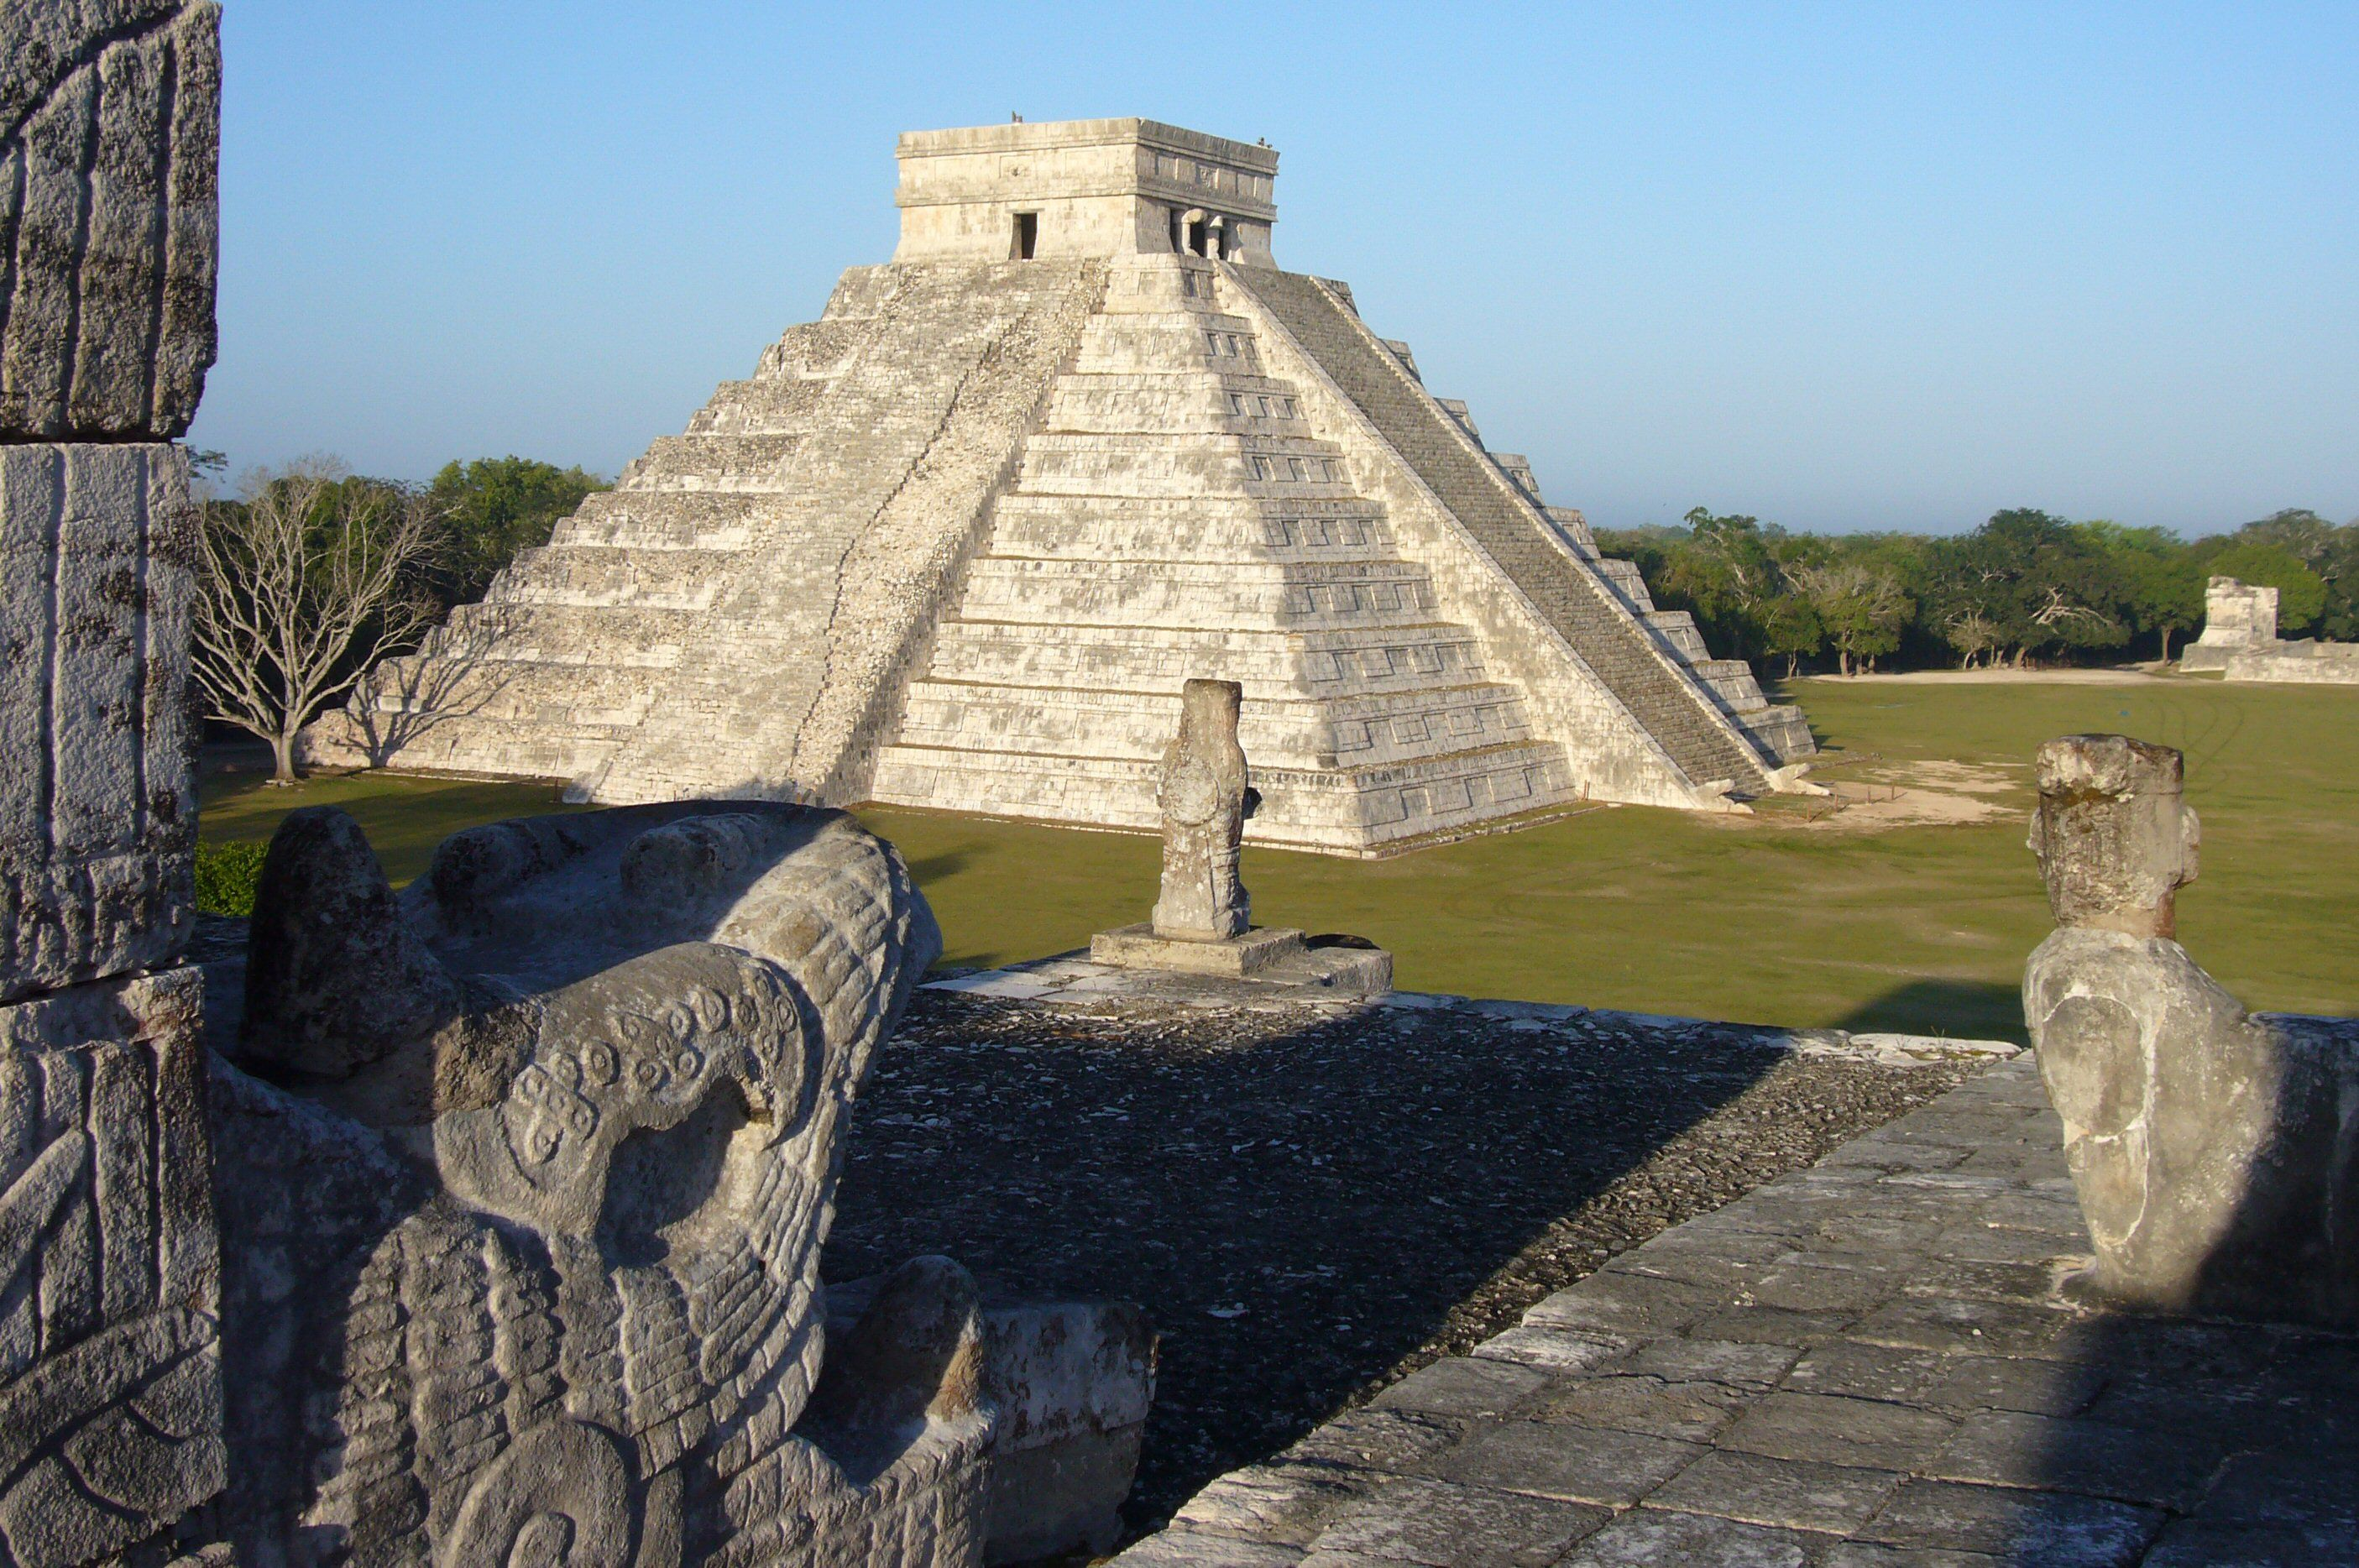 """The Kukulkan Pyramid in Chichen-Itza which known as """"El Castillo"""" (the castle)"""